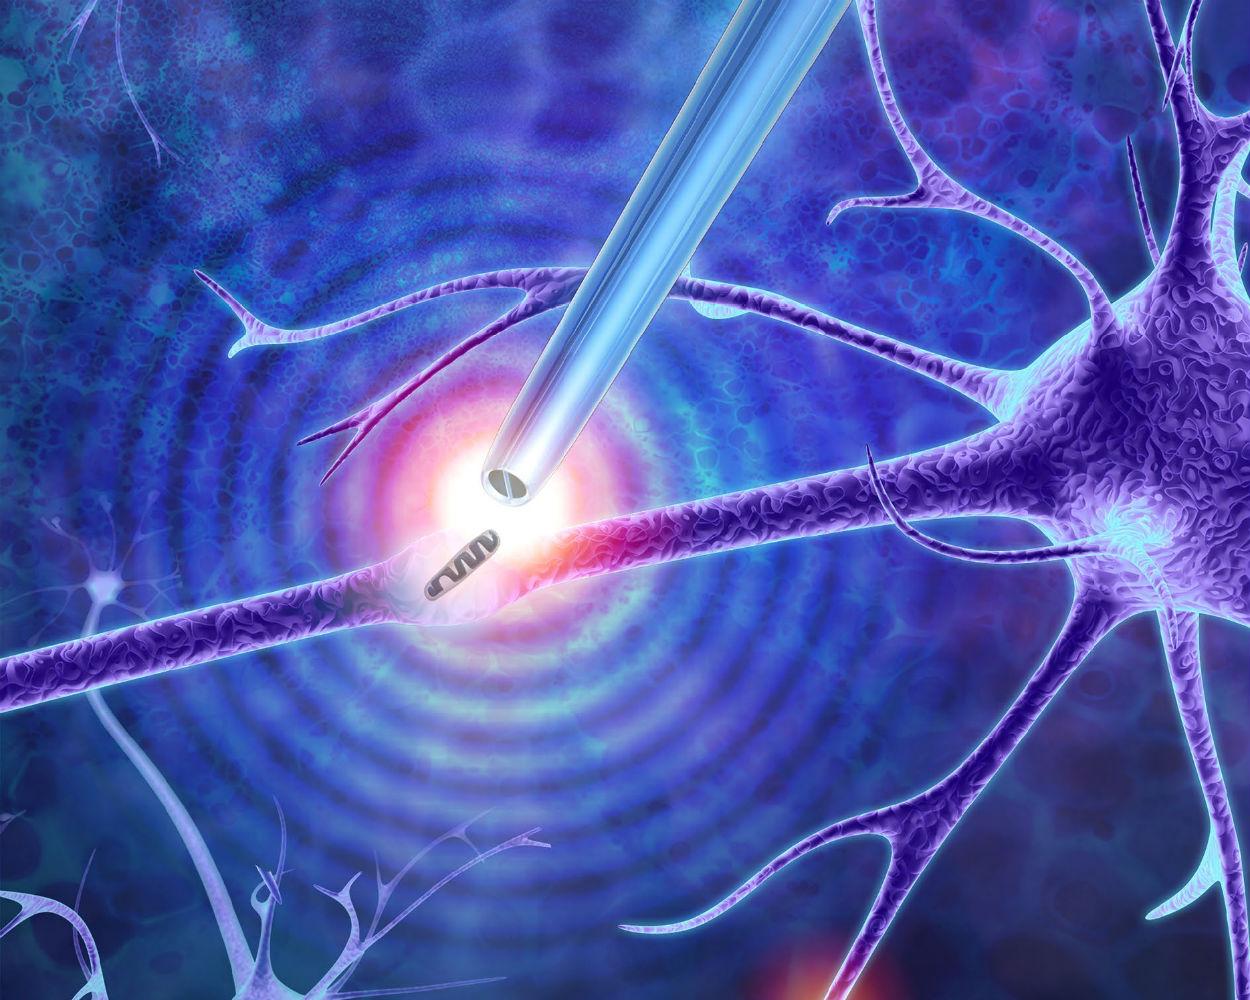 nanoscale tweezers